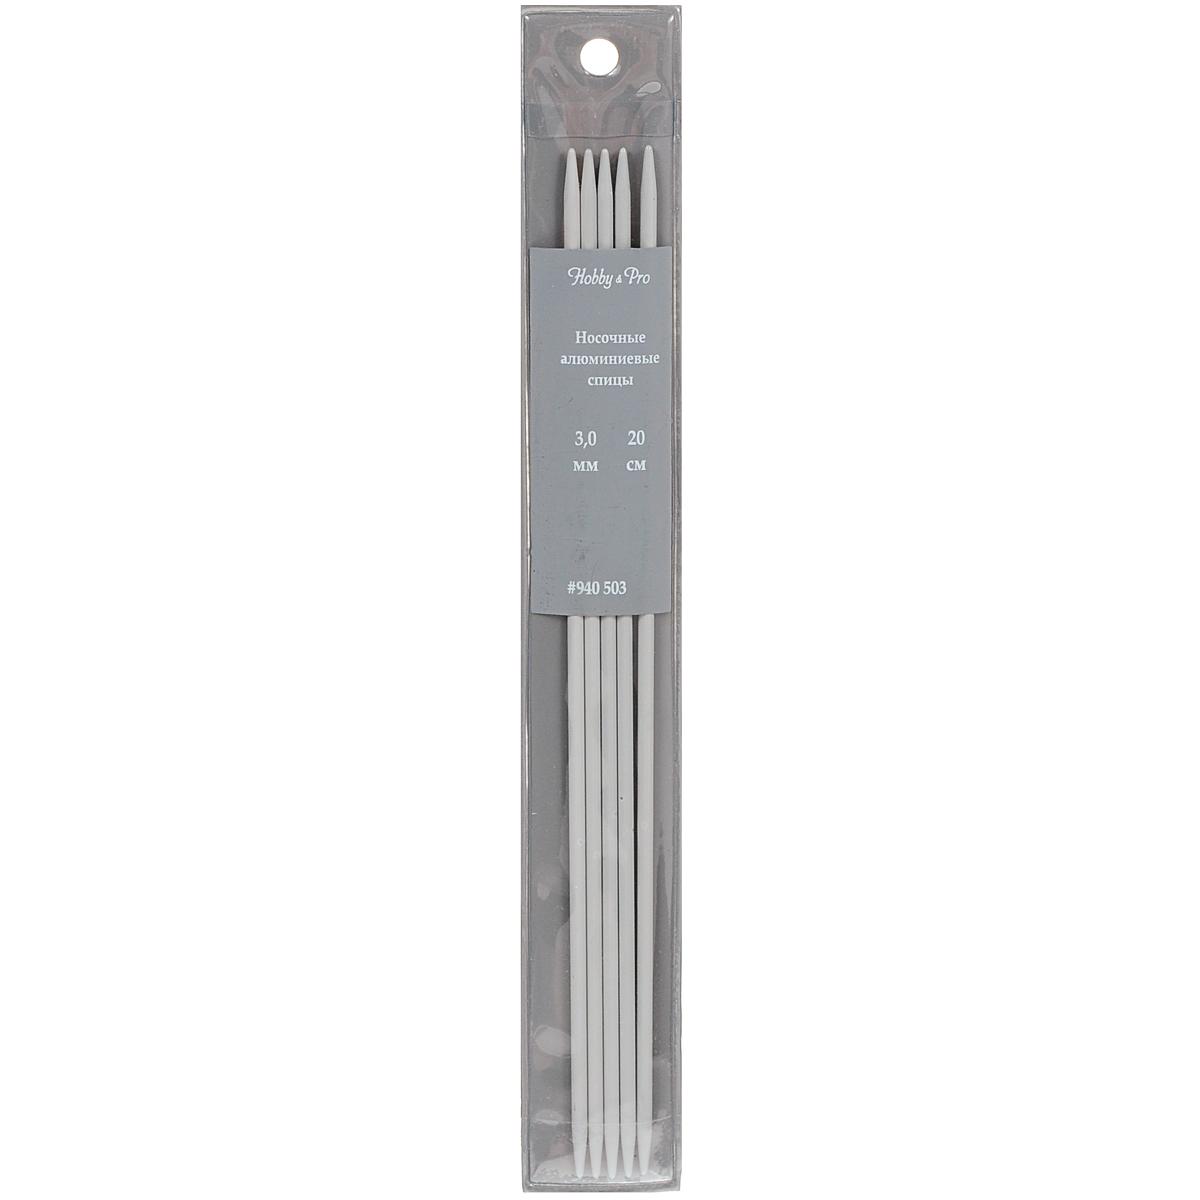 Спицы носочные Hobby & Pro, алюминиевые, прямые, диаметр 3 мм, длина 20 см, 5 шт7700049Спицы для вязания Hobby & Pro изготовлены из высококачественного алюминия с тефлоновым покрытием. Спицы прочные, легкие, гладкие, удобные в использовании. Кончики спиц закругленные. Спицы без ограничителей предназначены для вязания шапочек, варежек и носков. Вы сможете вязать для себя и делать подарки друзьям. Рукоделие всегда считалось изысканным, благородным делом. Работа, сделанная своими руками, долго будет радовать вас и ваших близких.